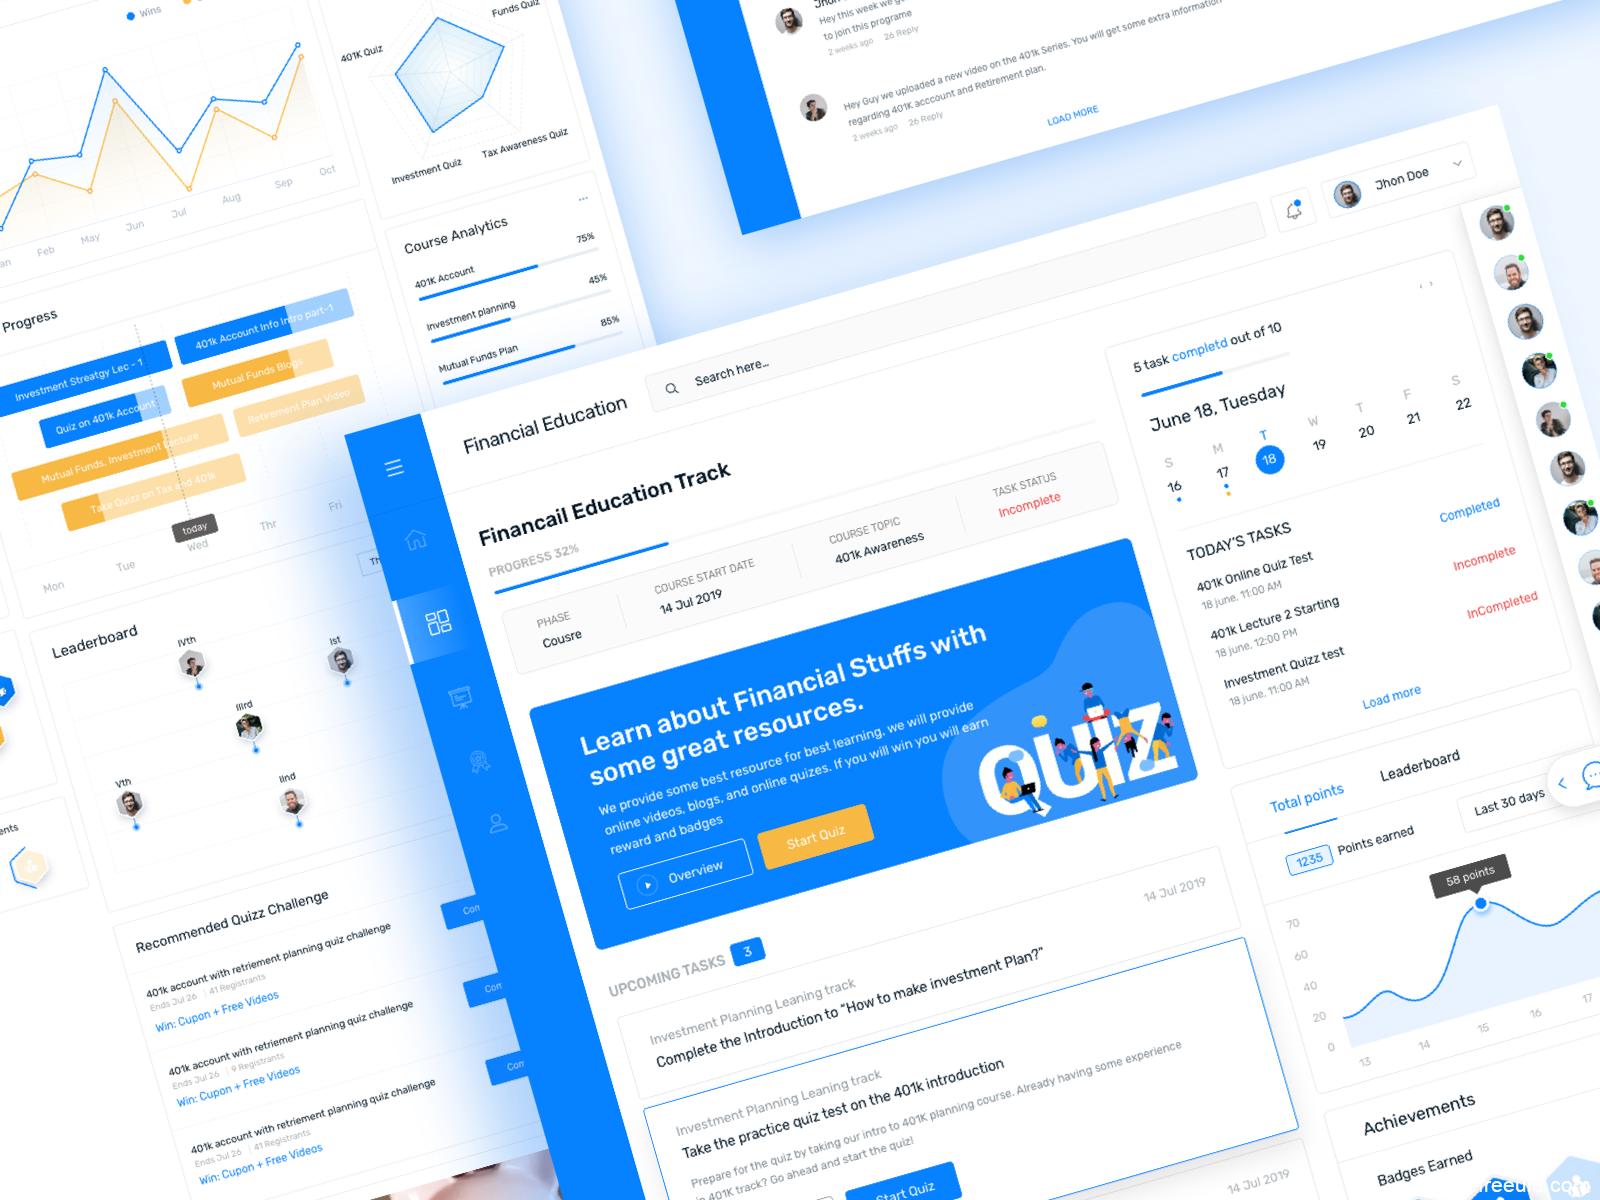 金融类/教育类平台网页UI模板,web UI源文件下载